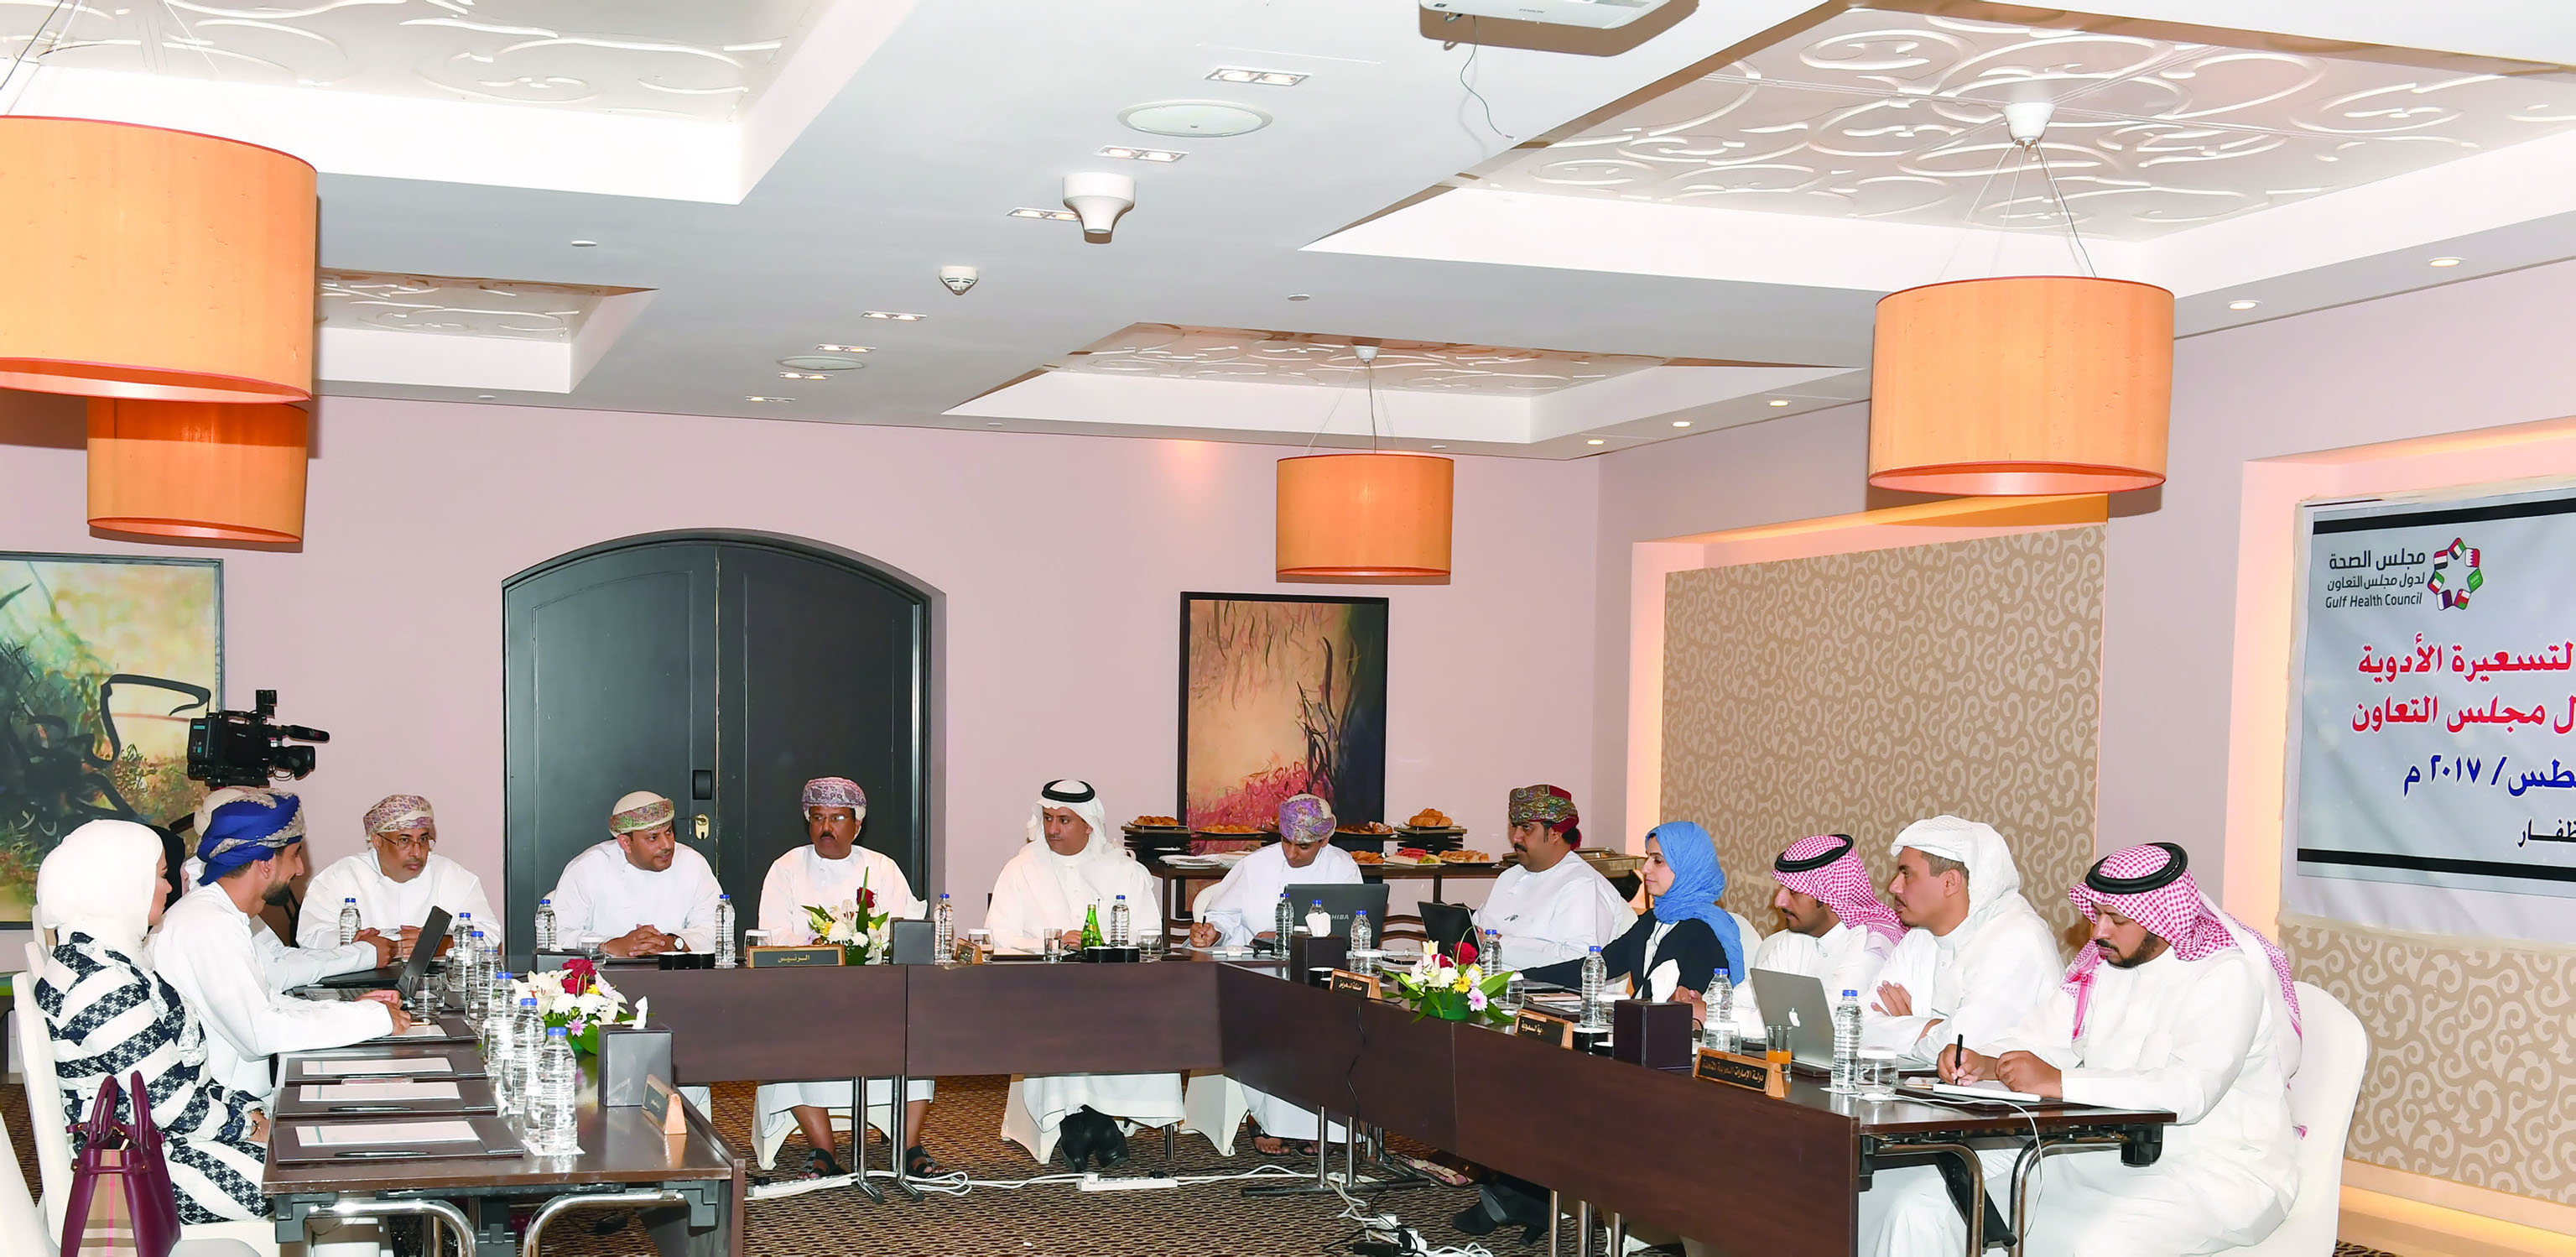 مناقشة تنظيم عمل اللجنة الخليجية لتسعيرة الأدوية